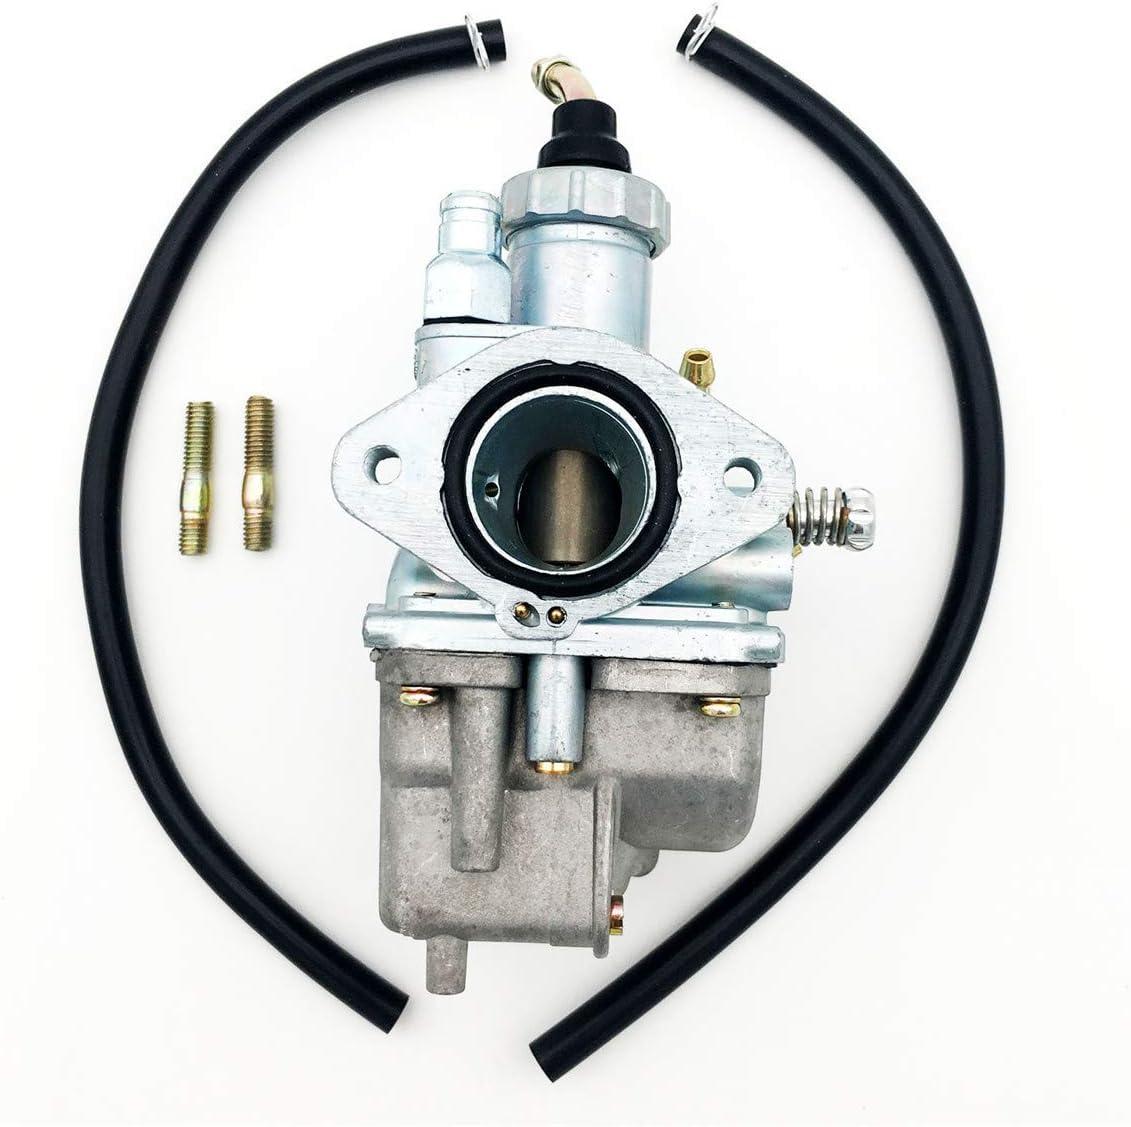 Carburetor w//Fuel Line Bolts for Yamaha Breeze Grizzly Grizzly 125 YFM125 Moto 4 YFM225 Timberwolf 250 YFB250